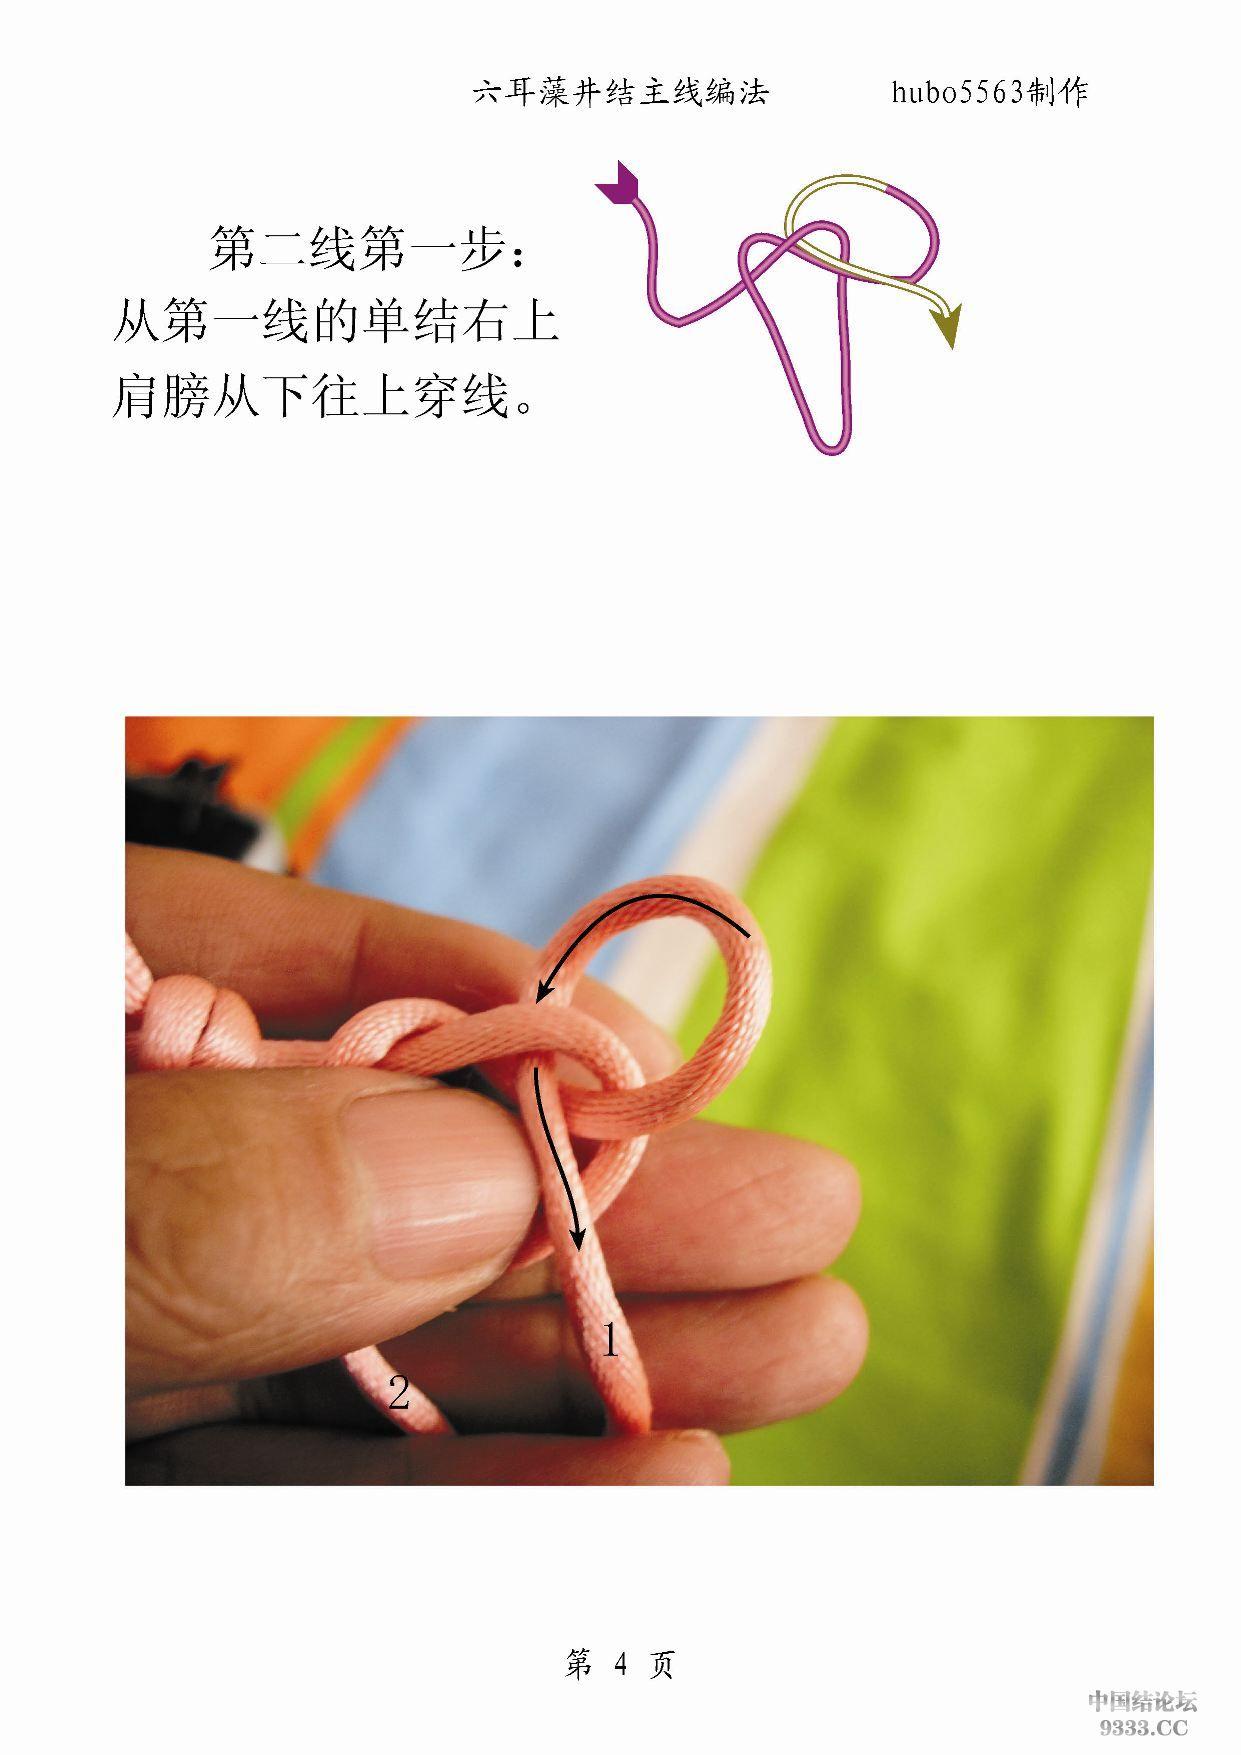 中国结论坛 原创新结---六耳藻井结主线编法徒手教程  基本结-新手入门必看 10021922149e46cb6741253fde